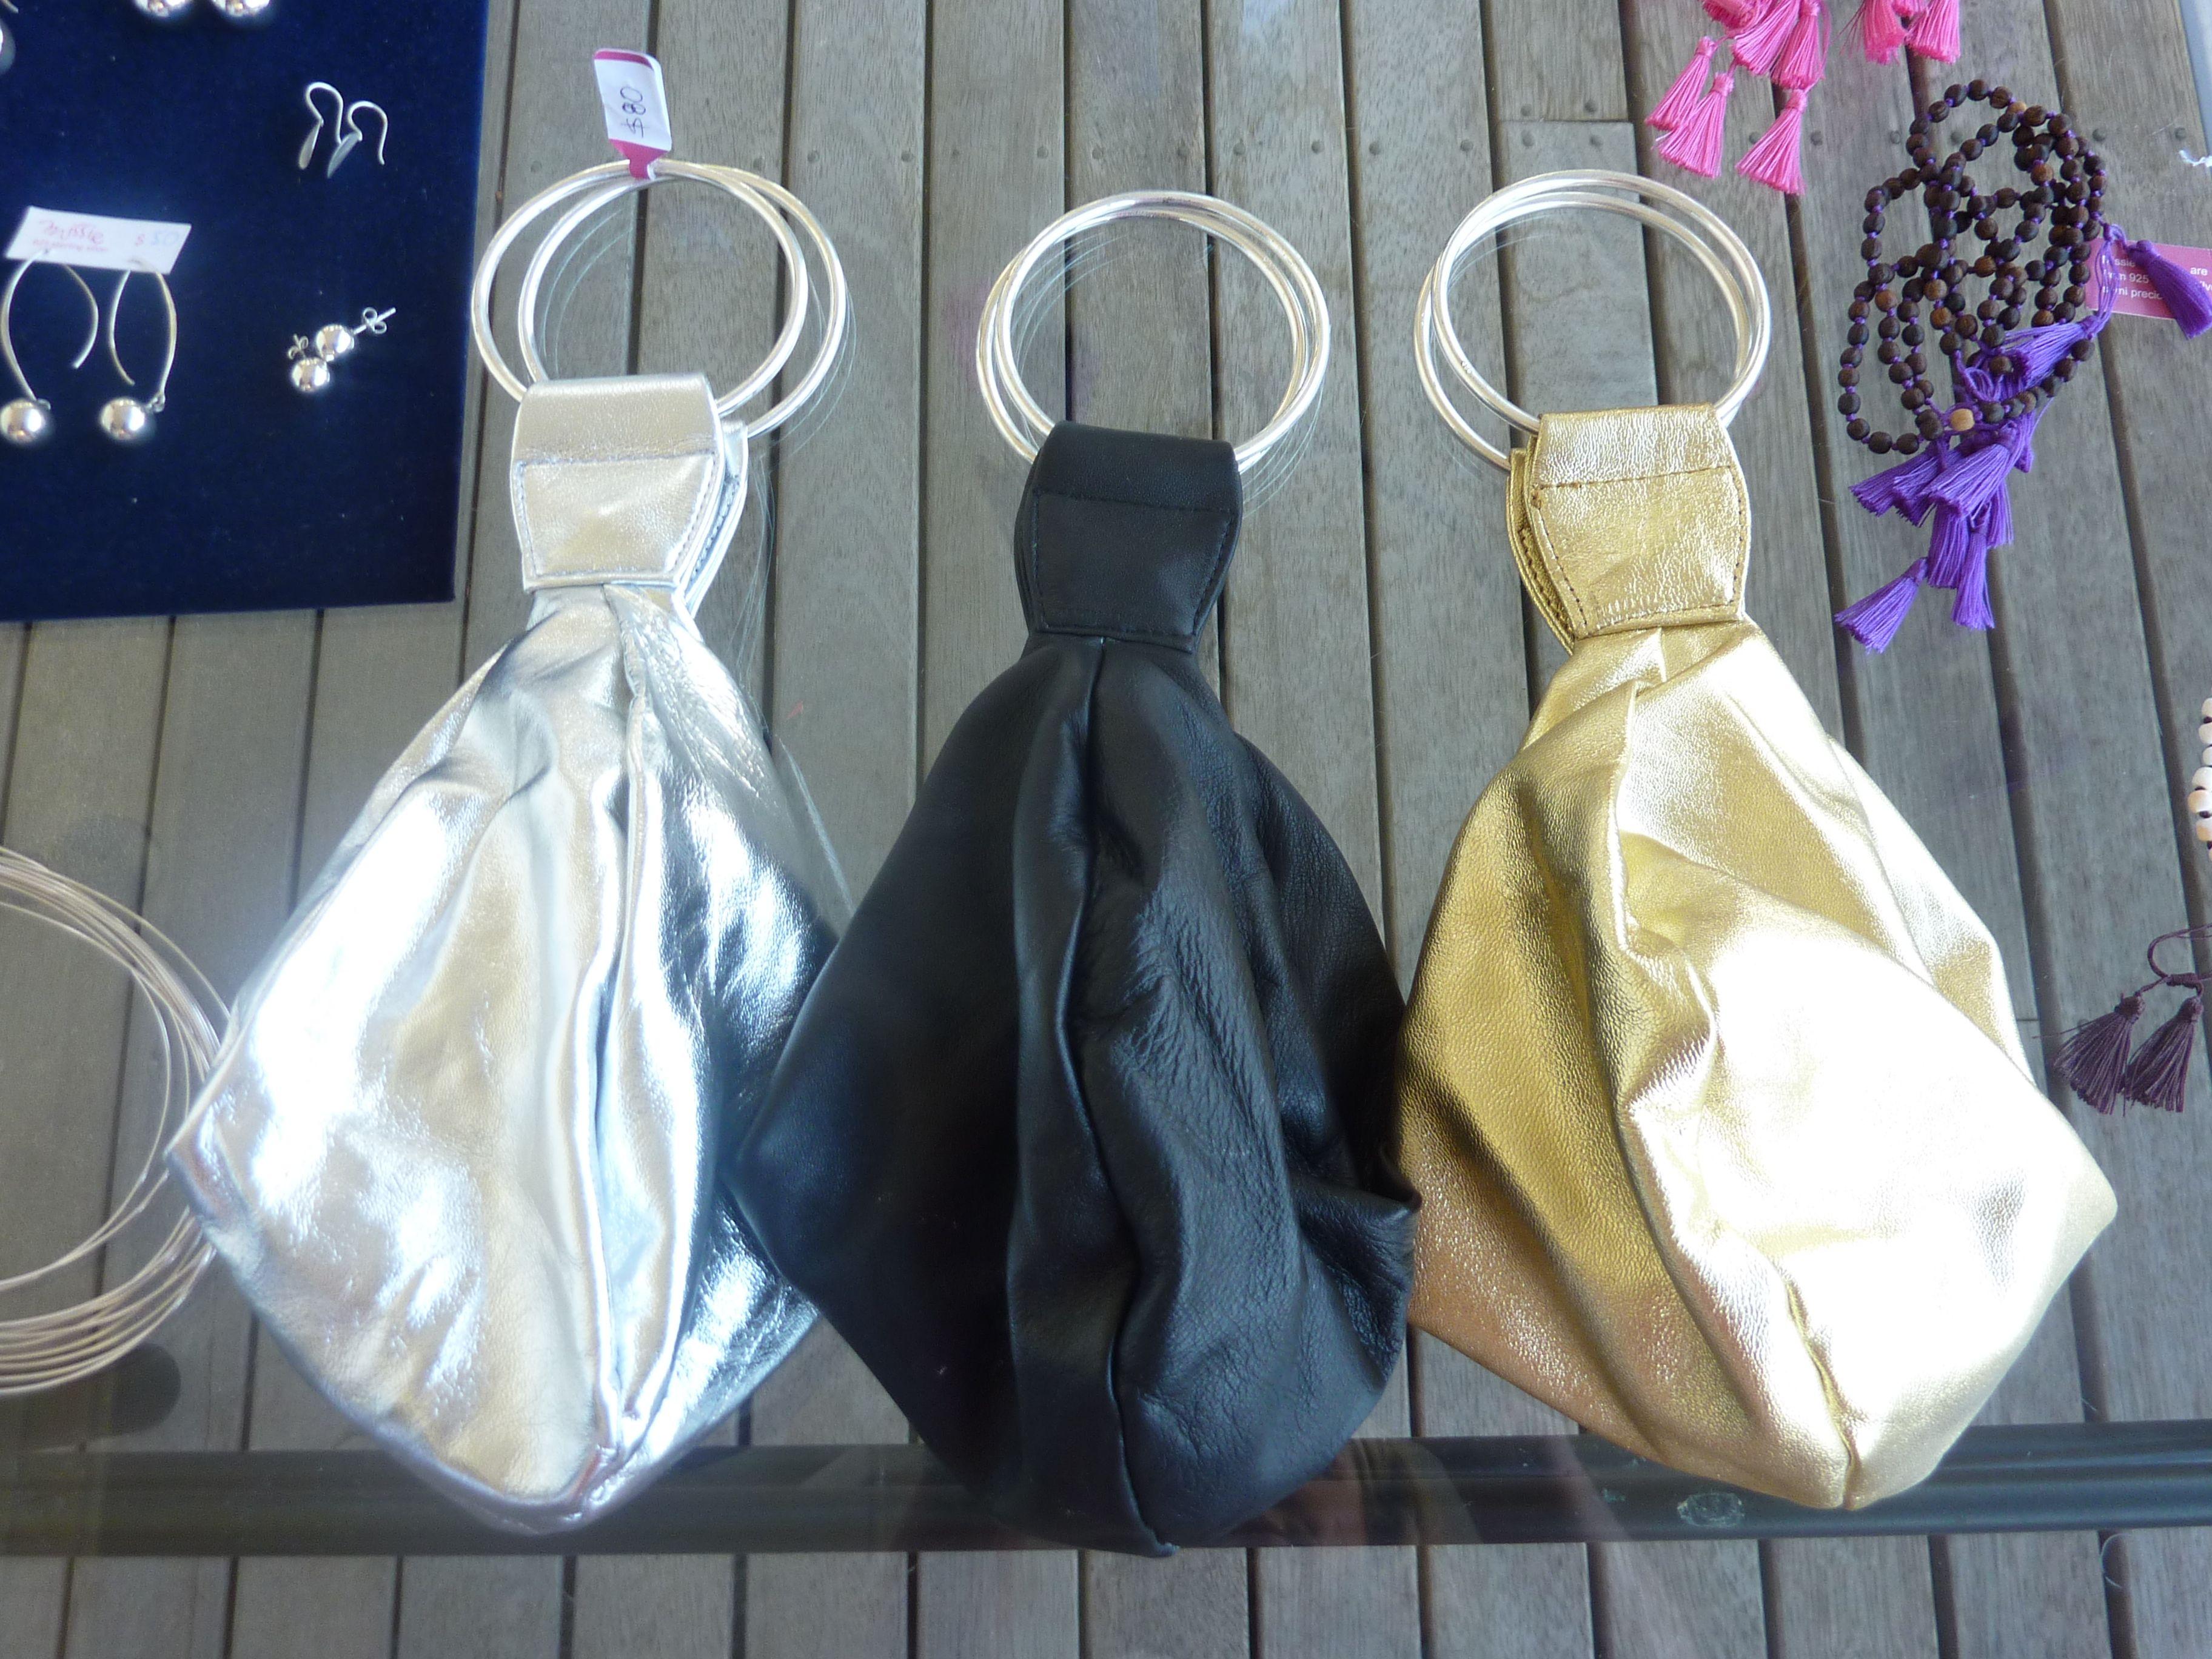 Bracelet bag - $90